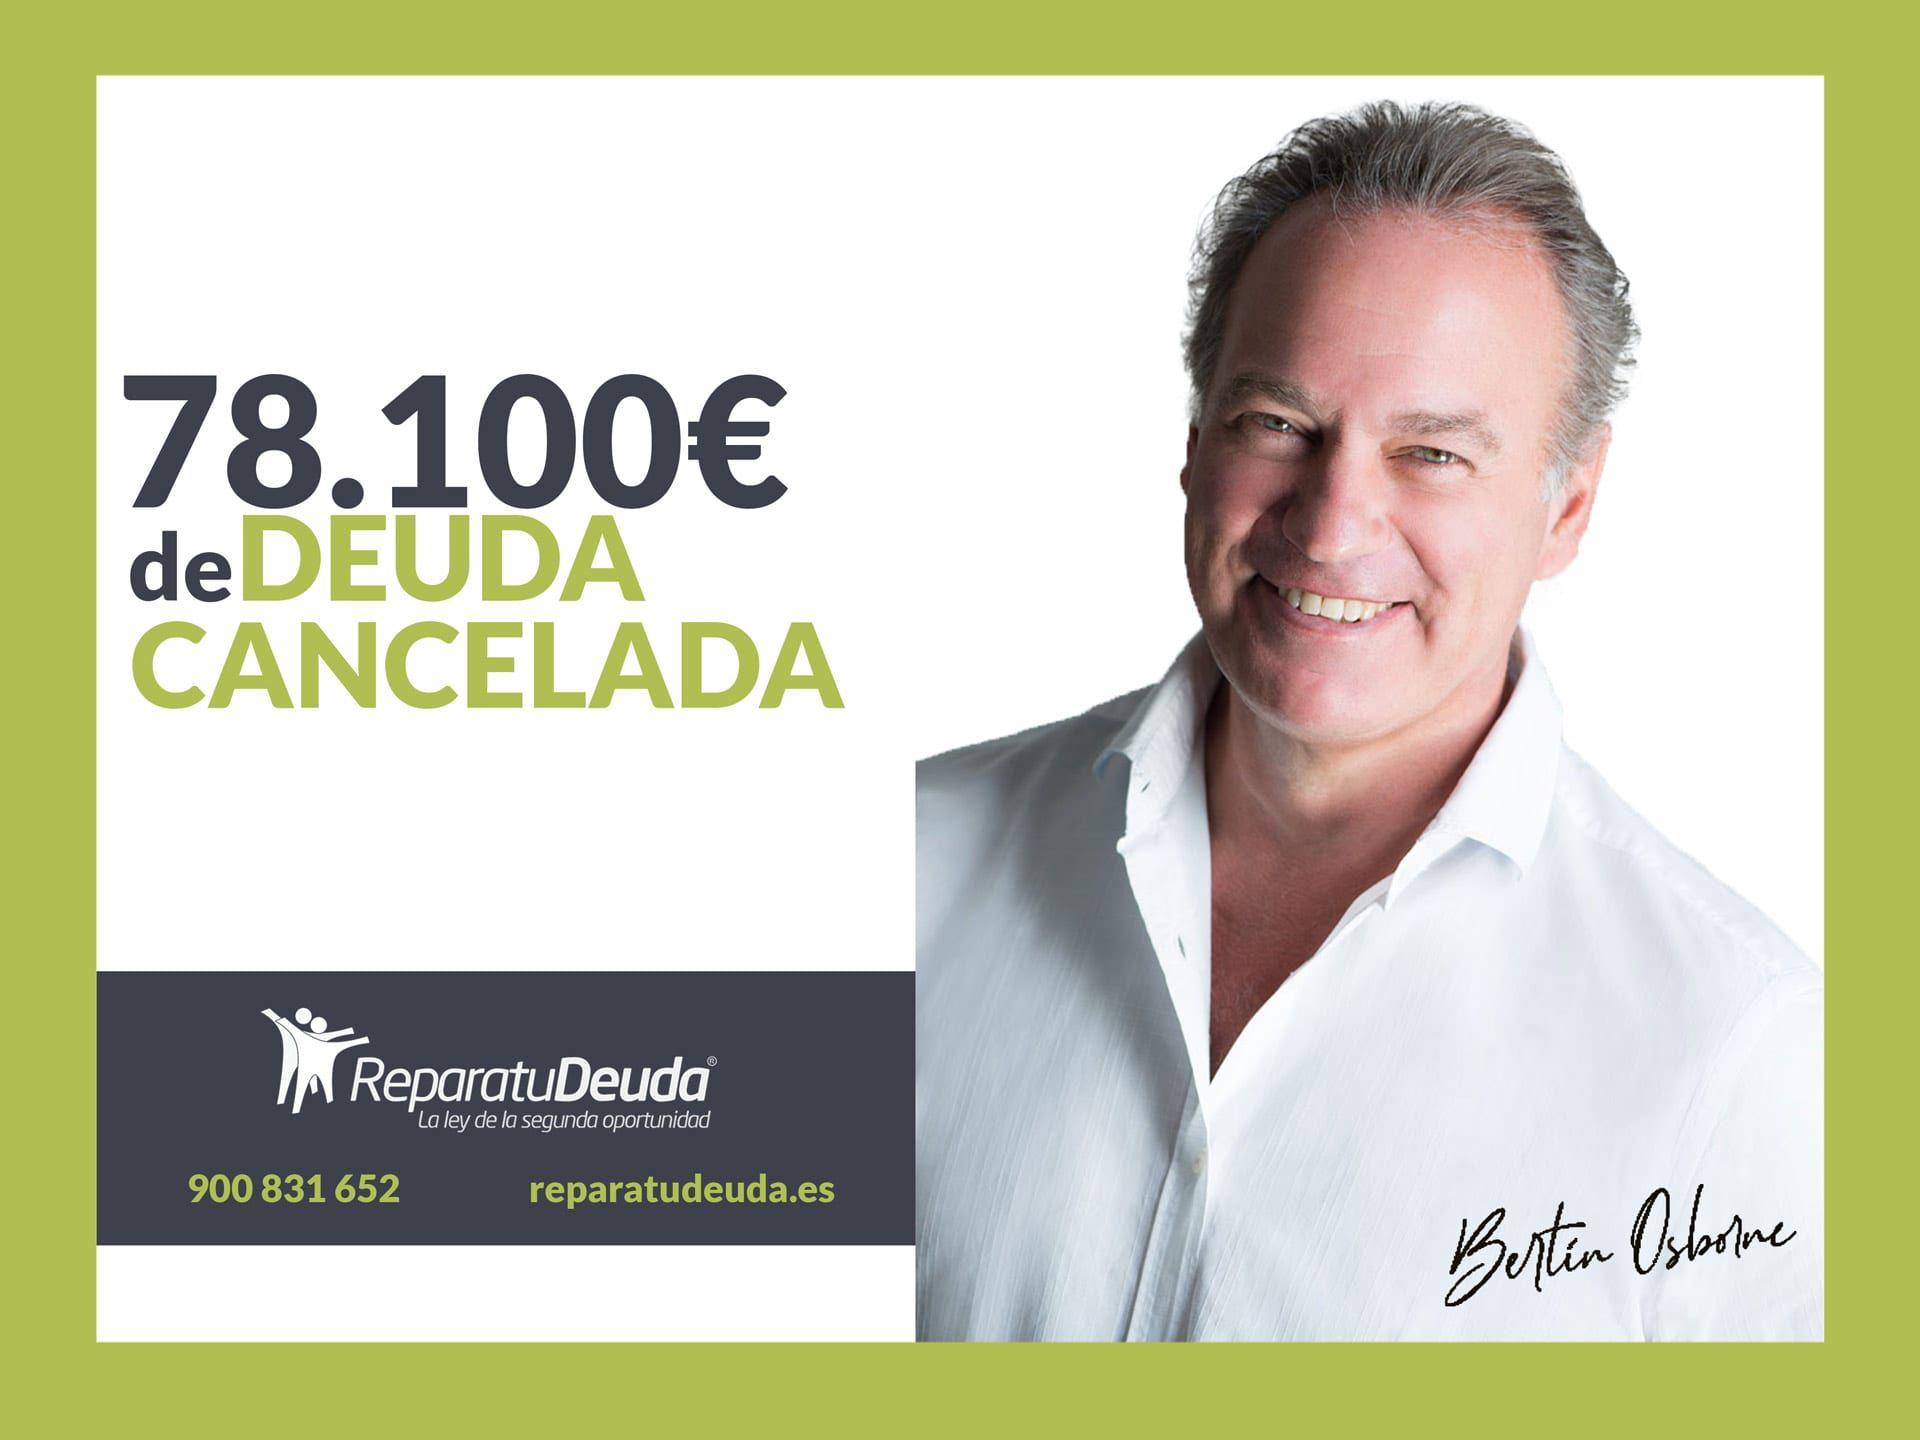 Repara tu Deuda Abogados cancela 78.100 ? en Barcelona con la Ley de Segunda Oportunidad